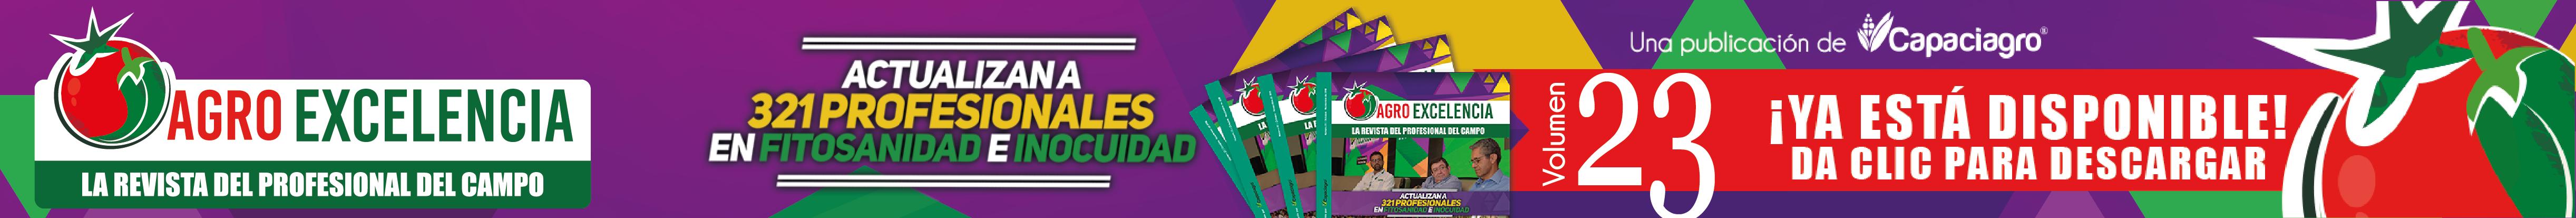 http://agroexcelencia.com/wp-content/uploads/2018/10/Slide-anuncio_23.png